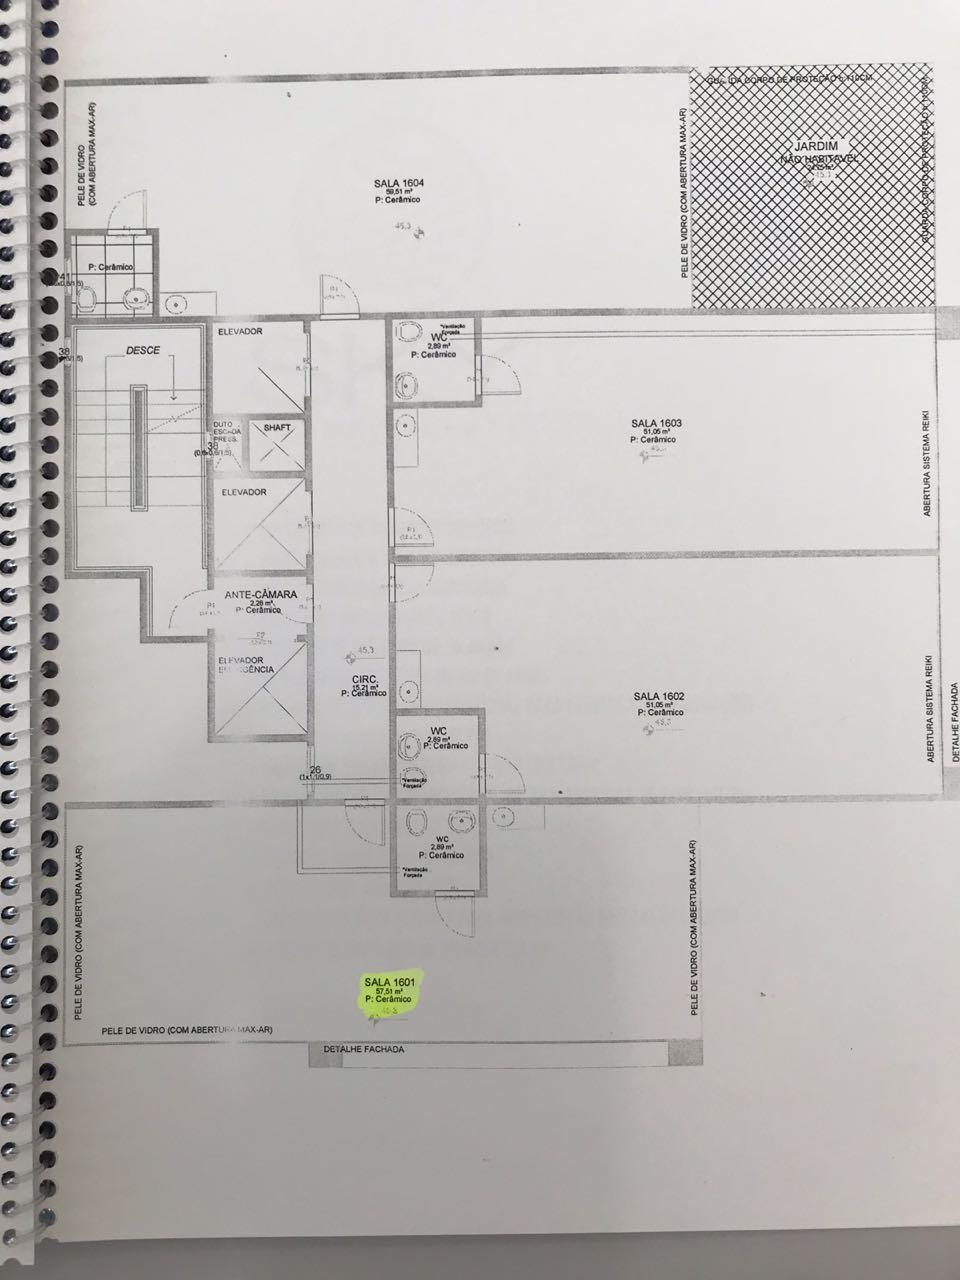 Sala Comercial, edifício com salão de festas, auditório e salas de reunião.-104828